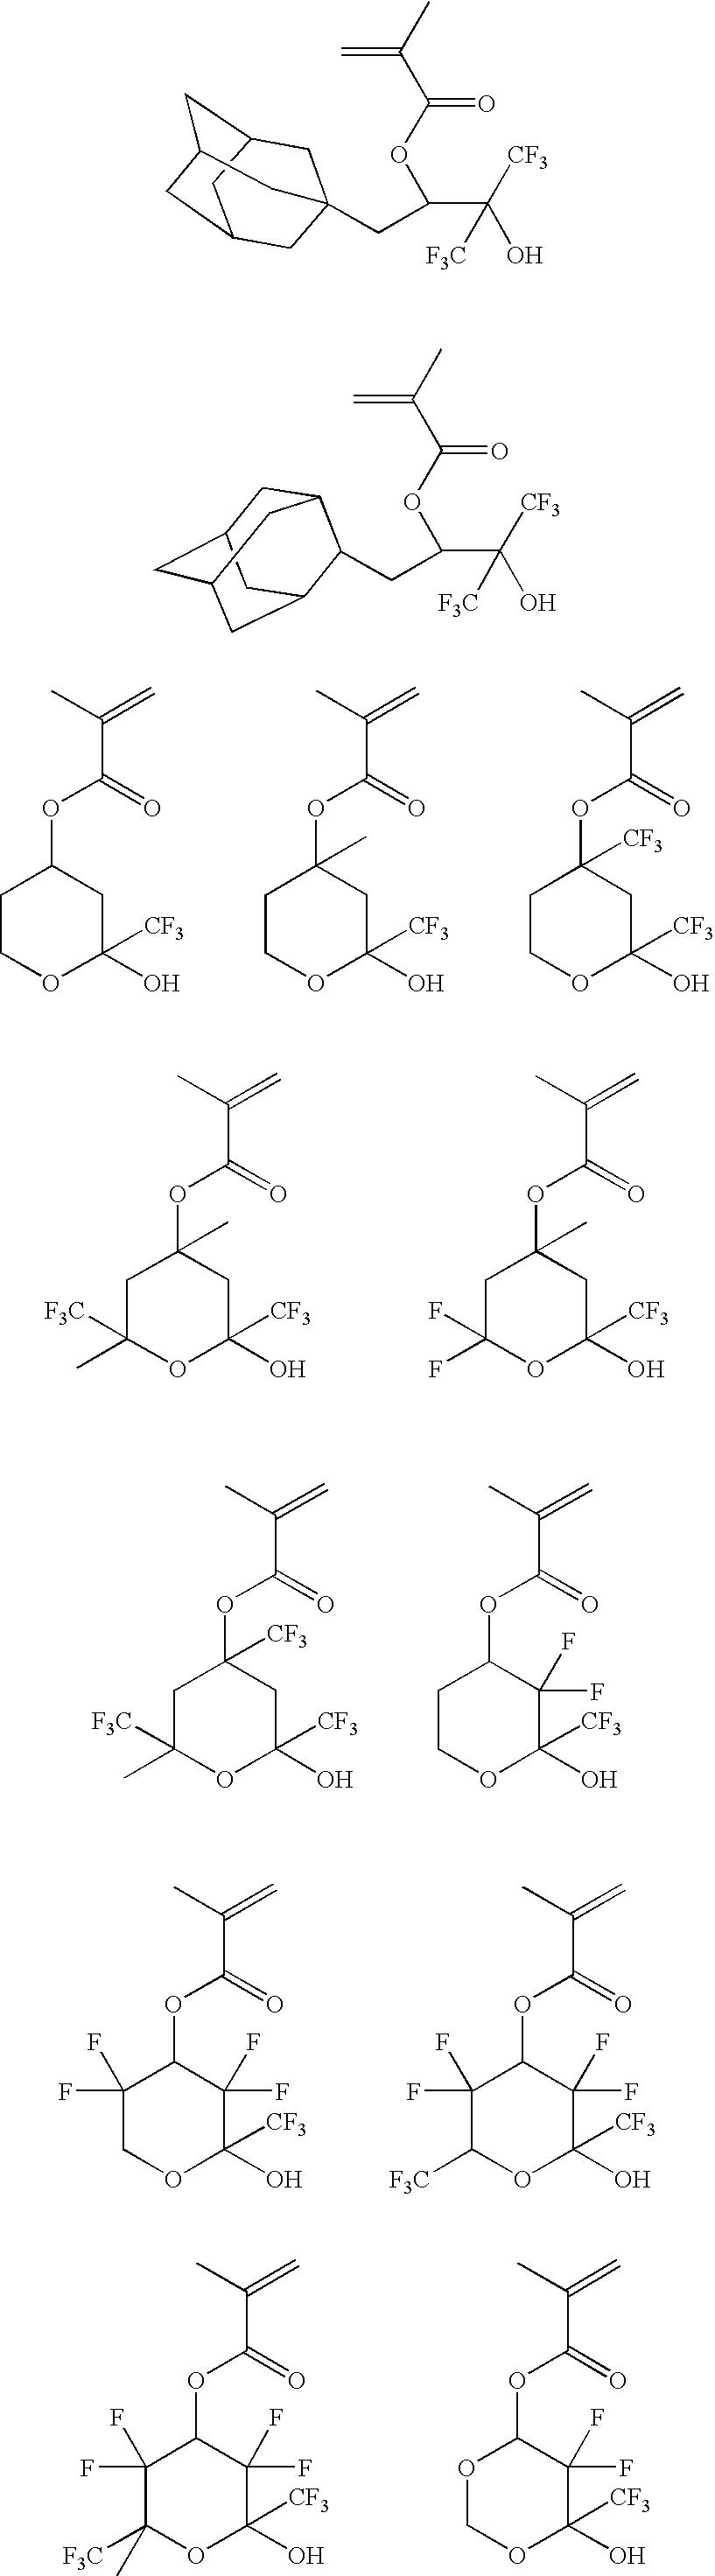 Figure US20100178617A1-20100715-C00041